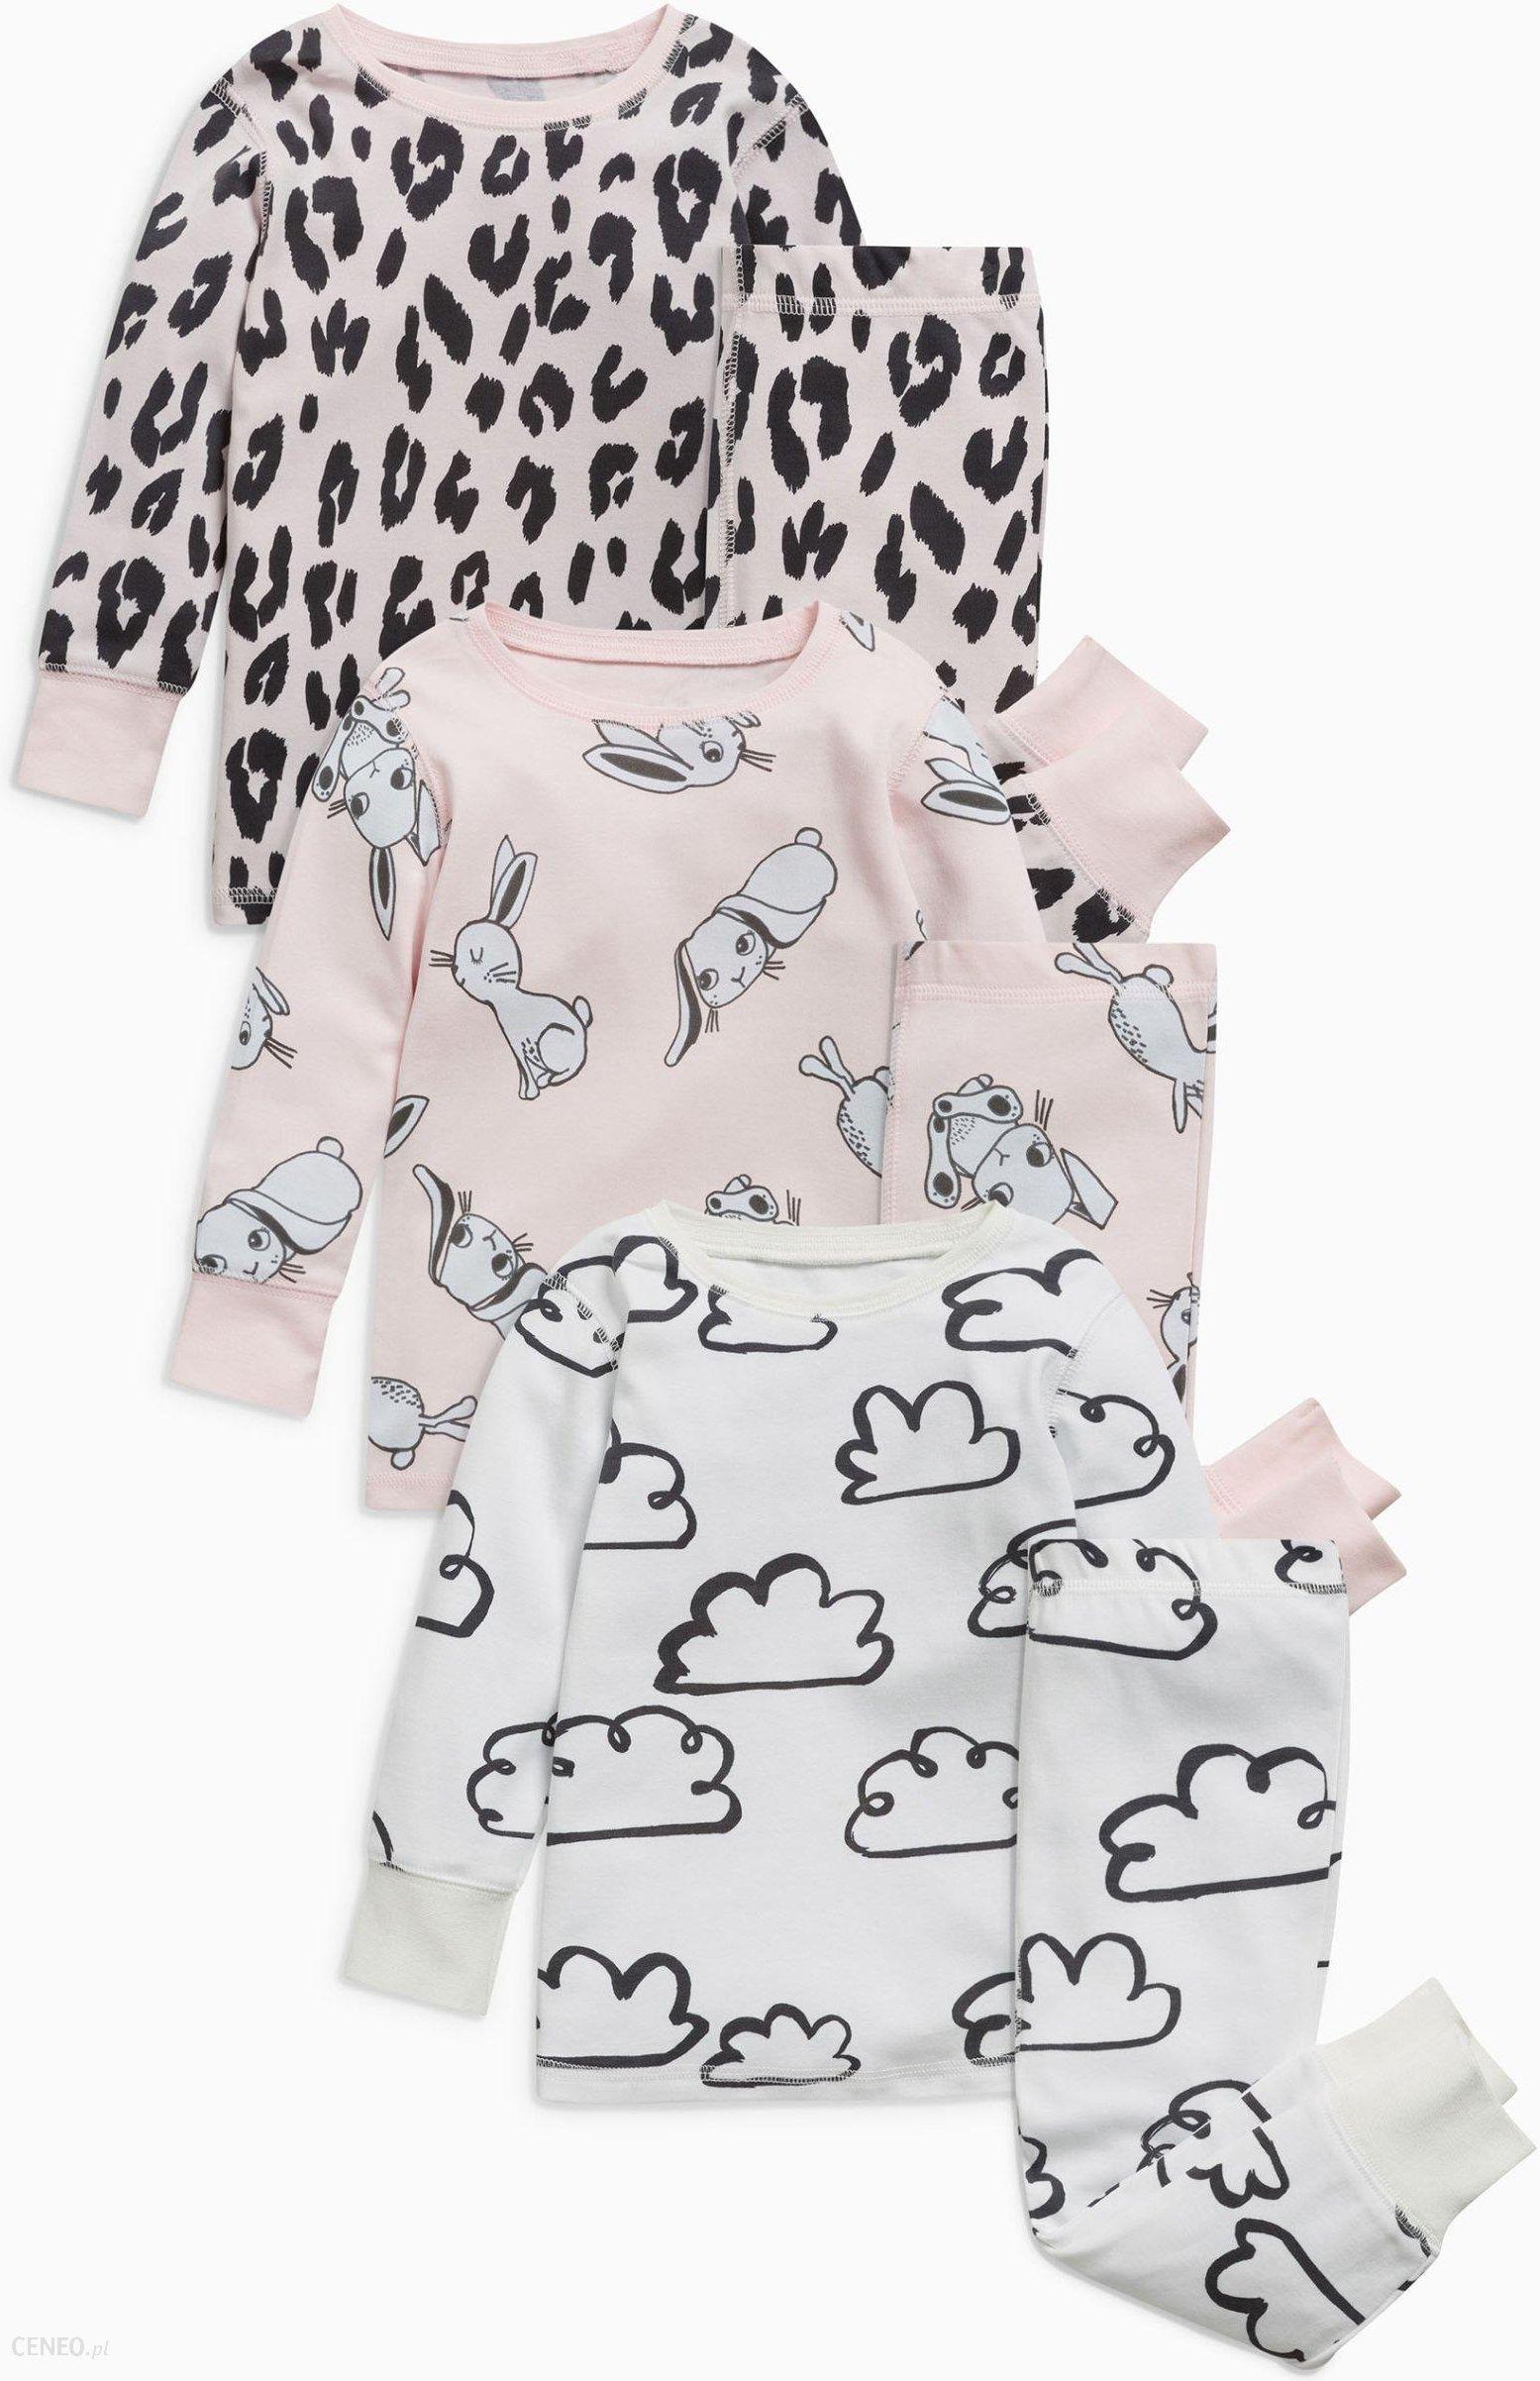 088a5046bb96da Next Trzy piżamy 3 Pack Dziewczynki 80 - 86 cm - Ceny i opinie ...